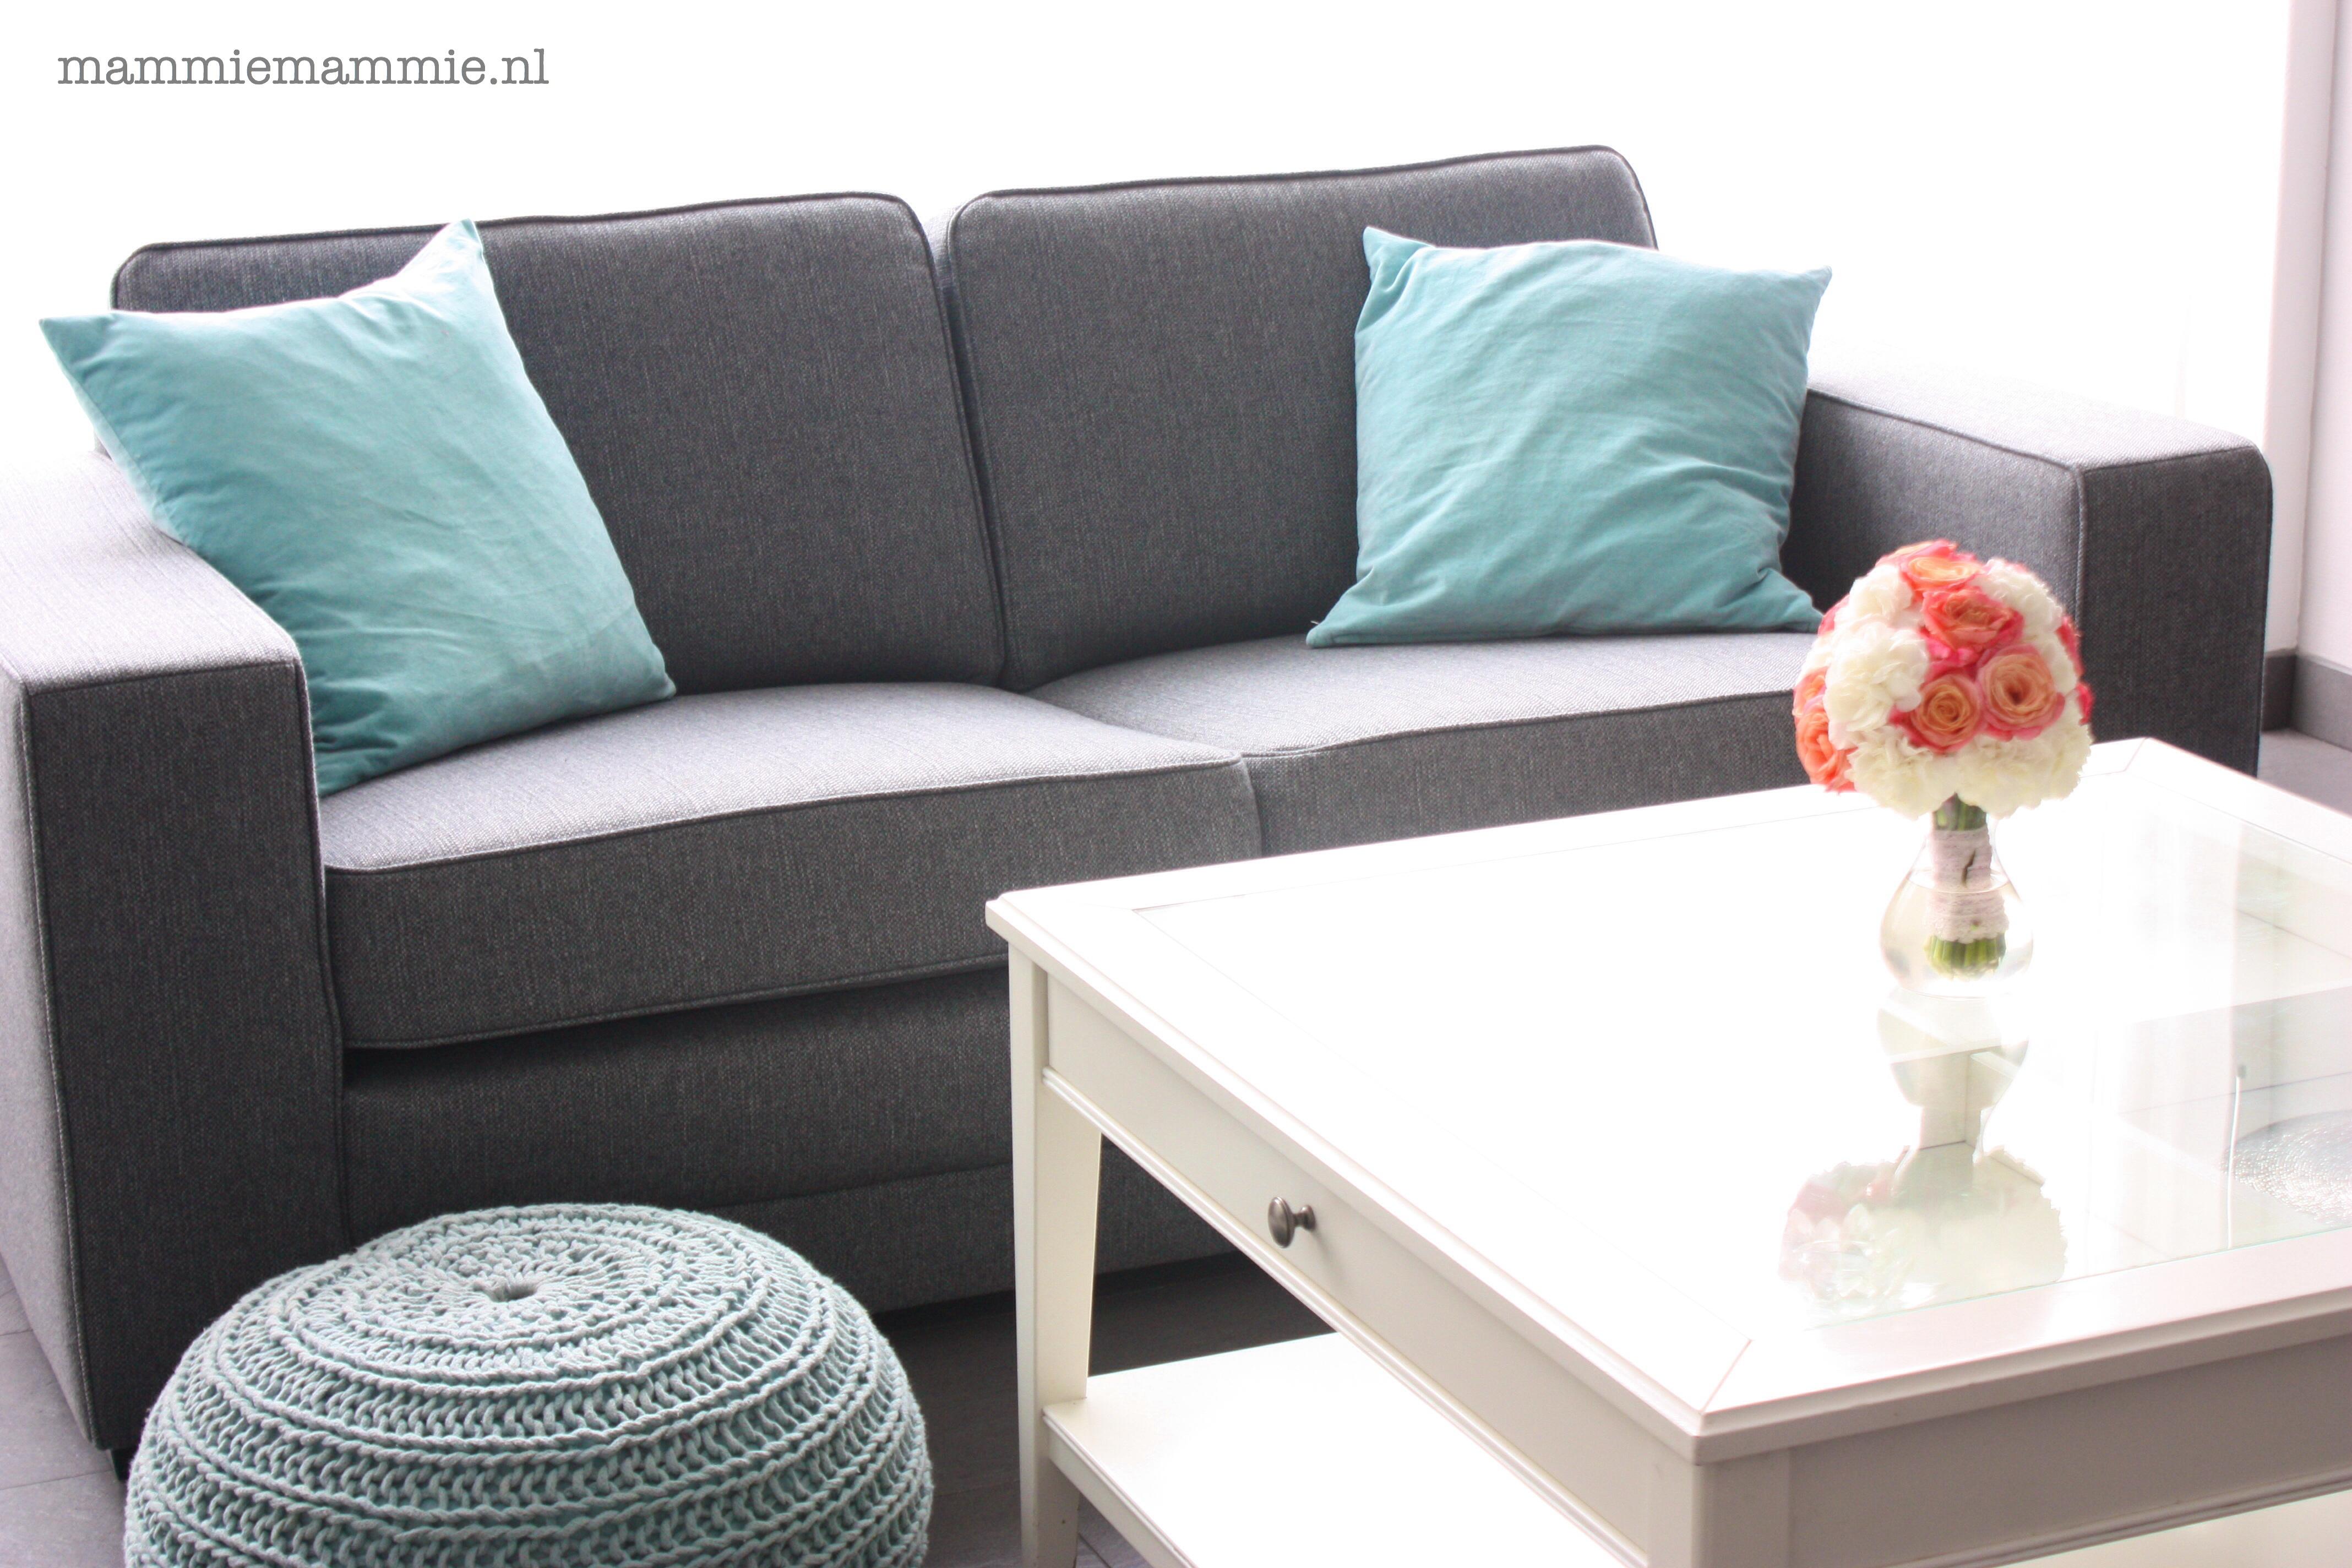 Nieuwe woonkamer kleuren for Kleuren woonkamer 2016